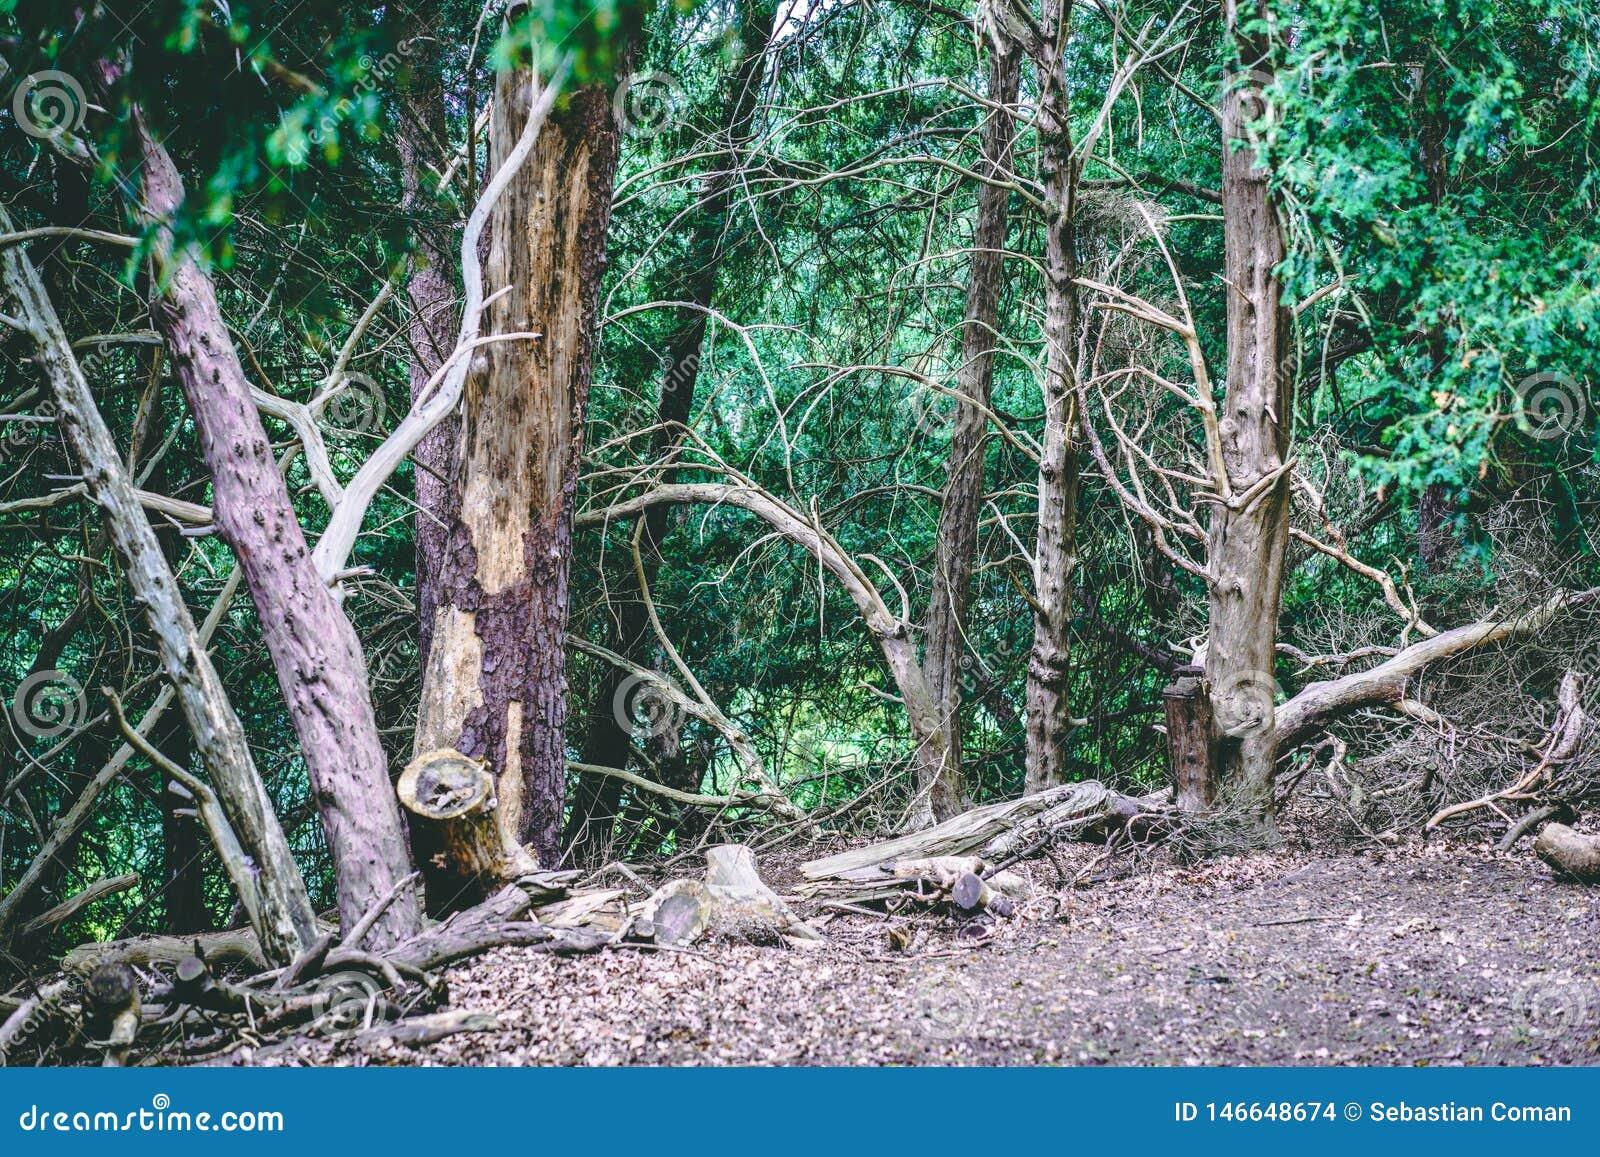 Αγγλικό δασόβιο πάρκο με την ήρεμη άποψη του πράσινου φυλλώματος